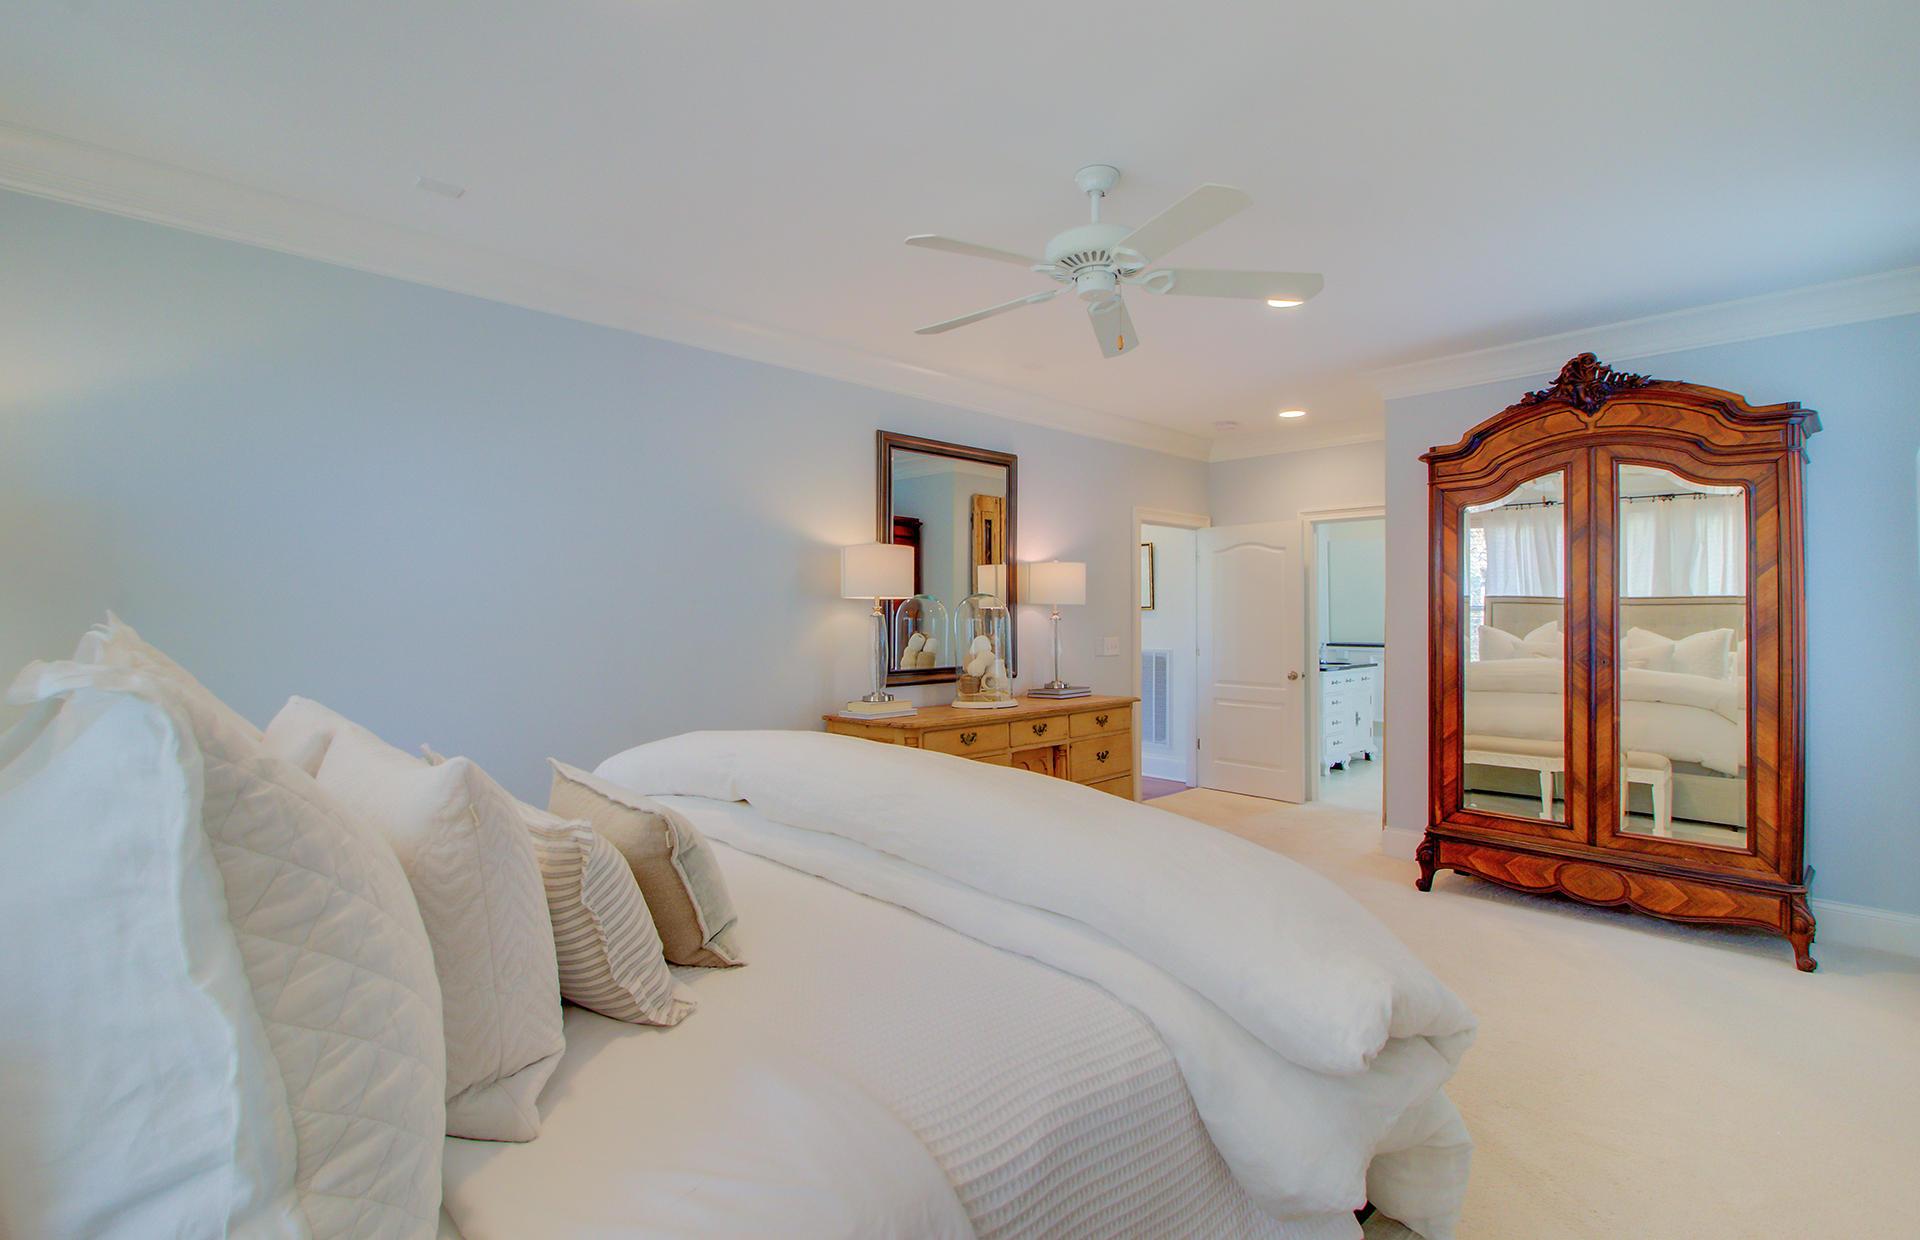 Dunes West Homes For Sale - 2913 Yachtsman, Mount Pleasant, SC - 18